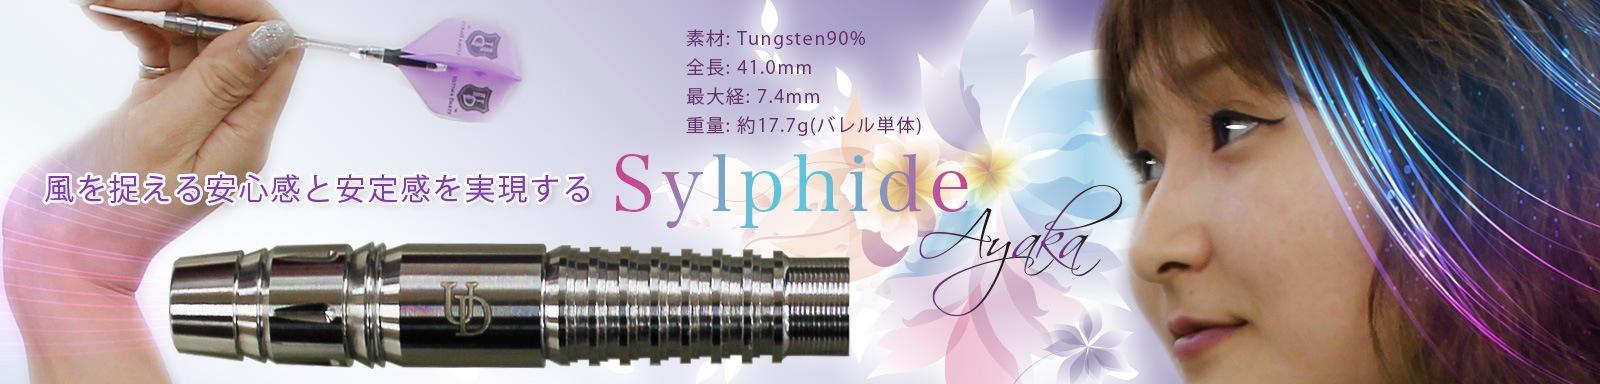 Sylphide